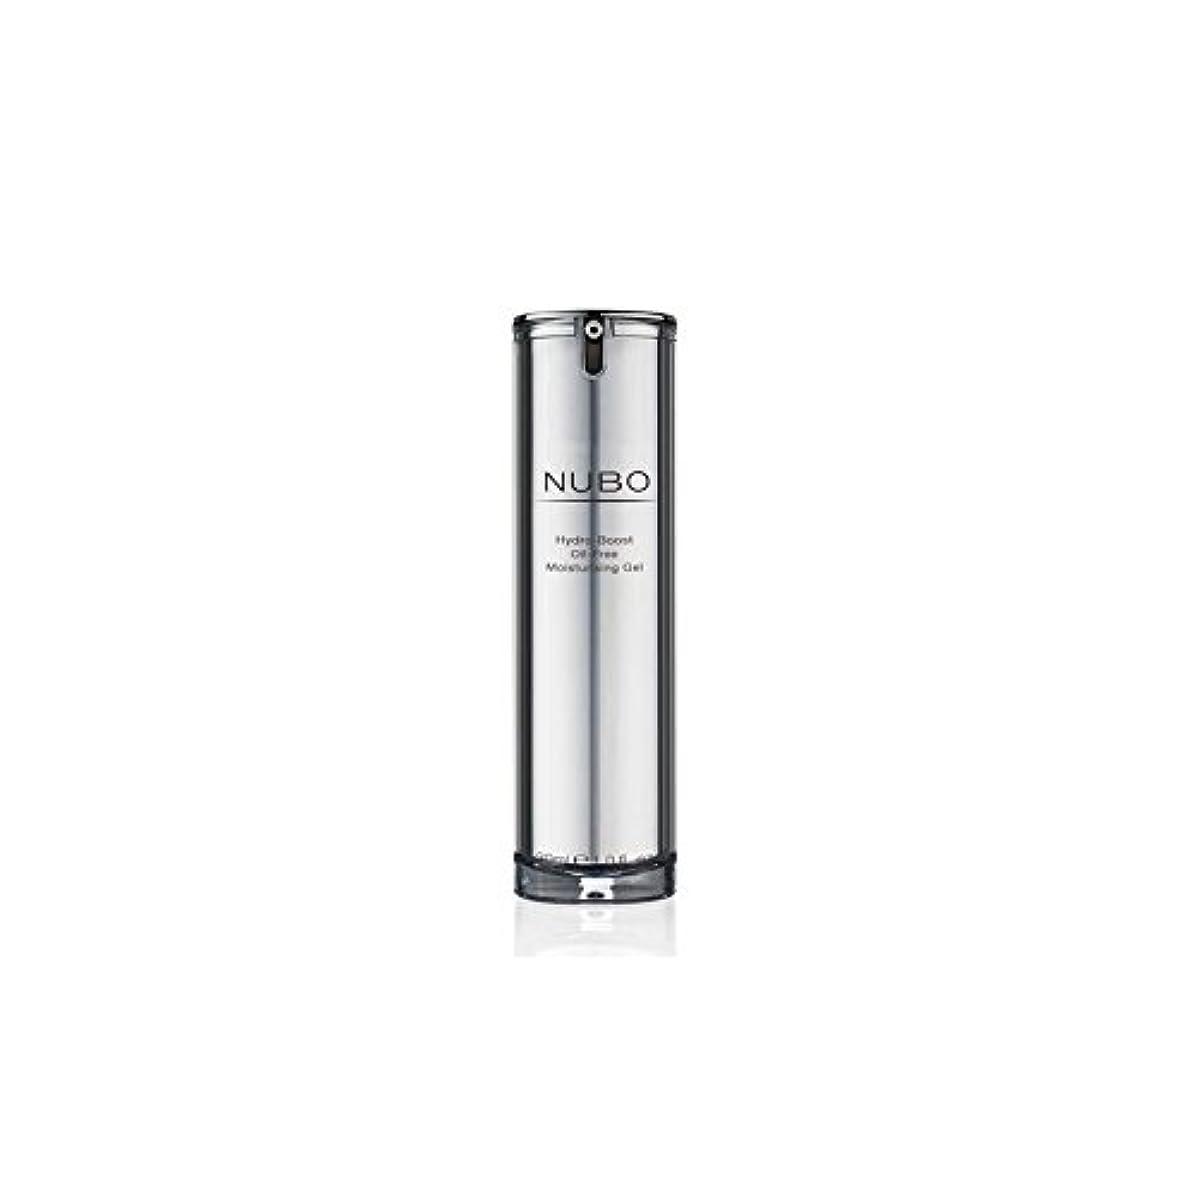 枯渇する歯痛取るNubo Hydro Boost Oil Free Moisturising Gel (30ml) - 水力ブーストオイルフリーの保湿ジェル(30ミリリットル) [並行輸入品]